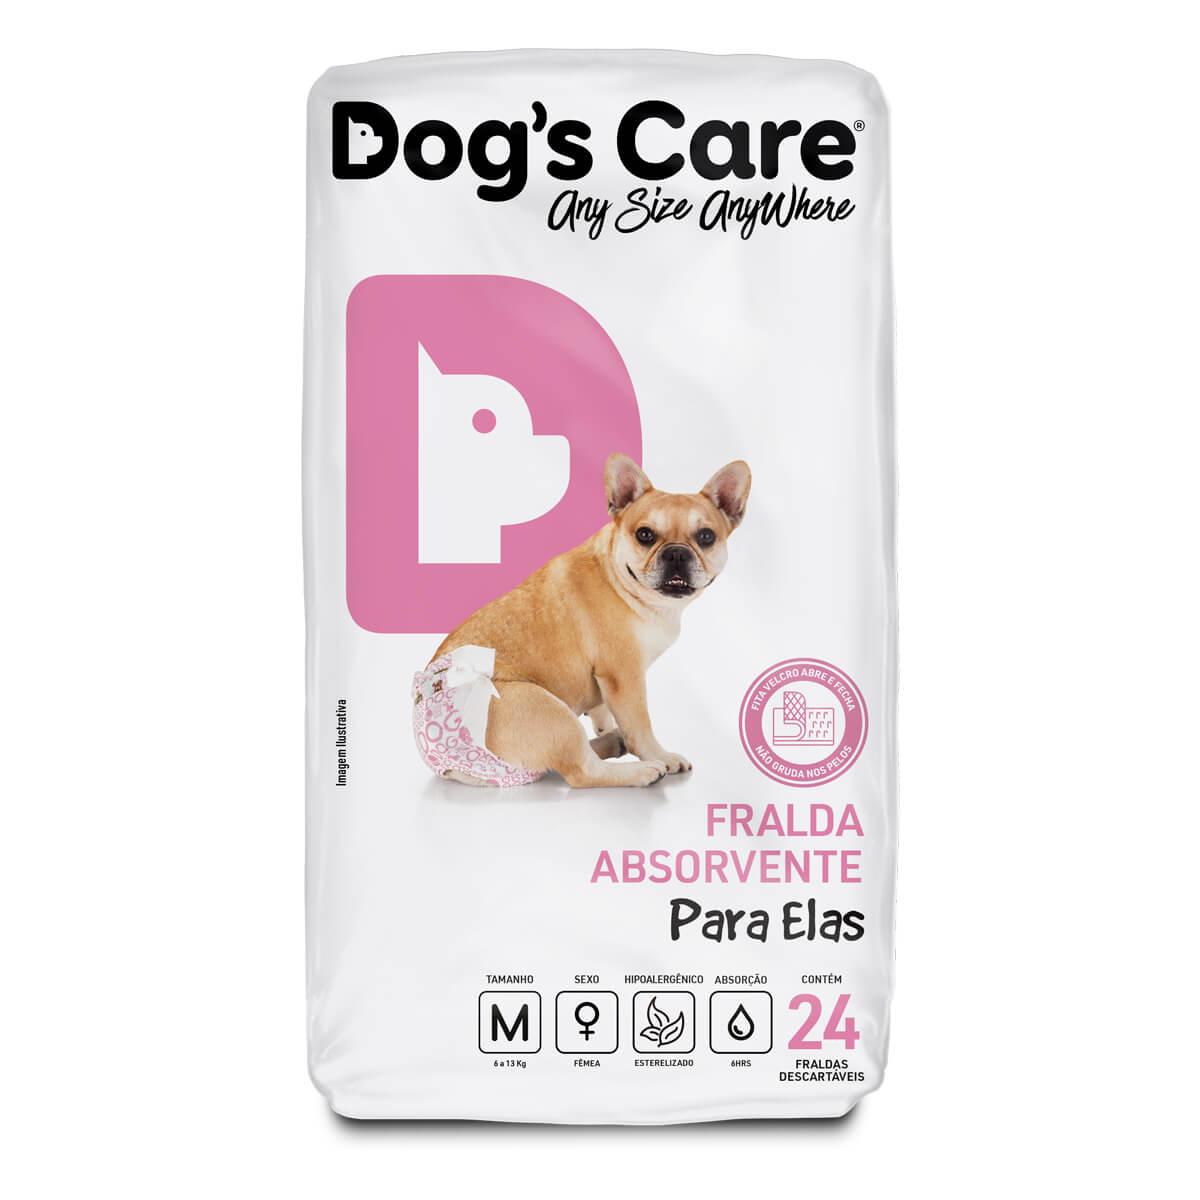 Fralda para cães Fêmea Dog's Care - M...